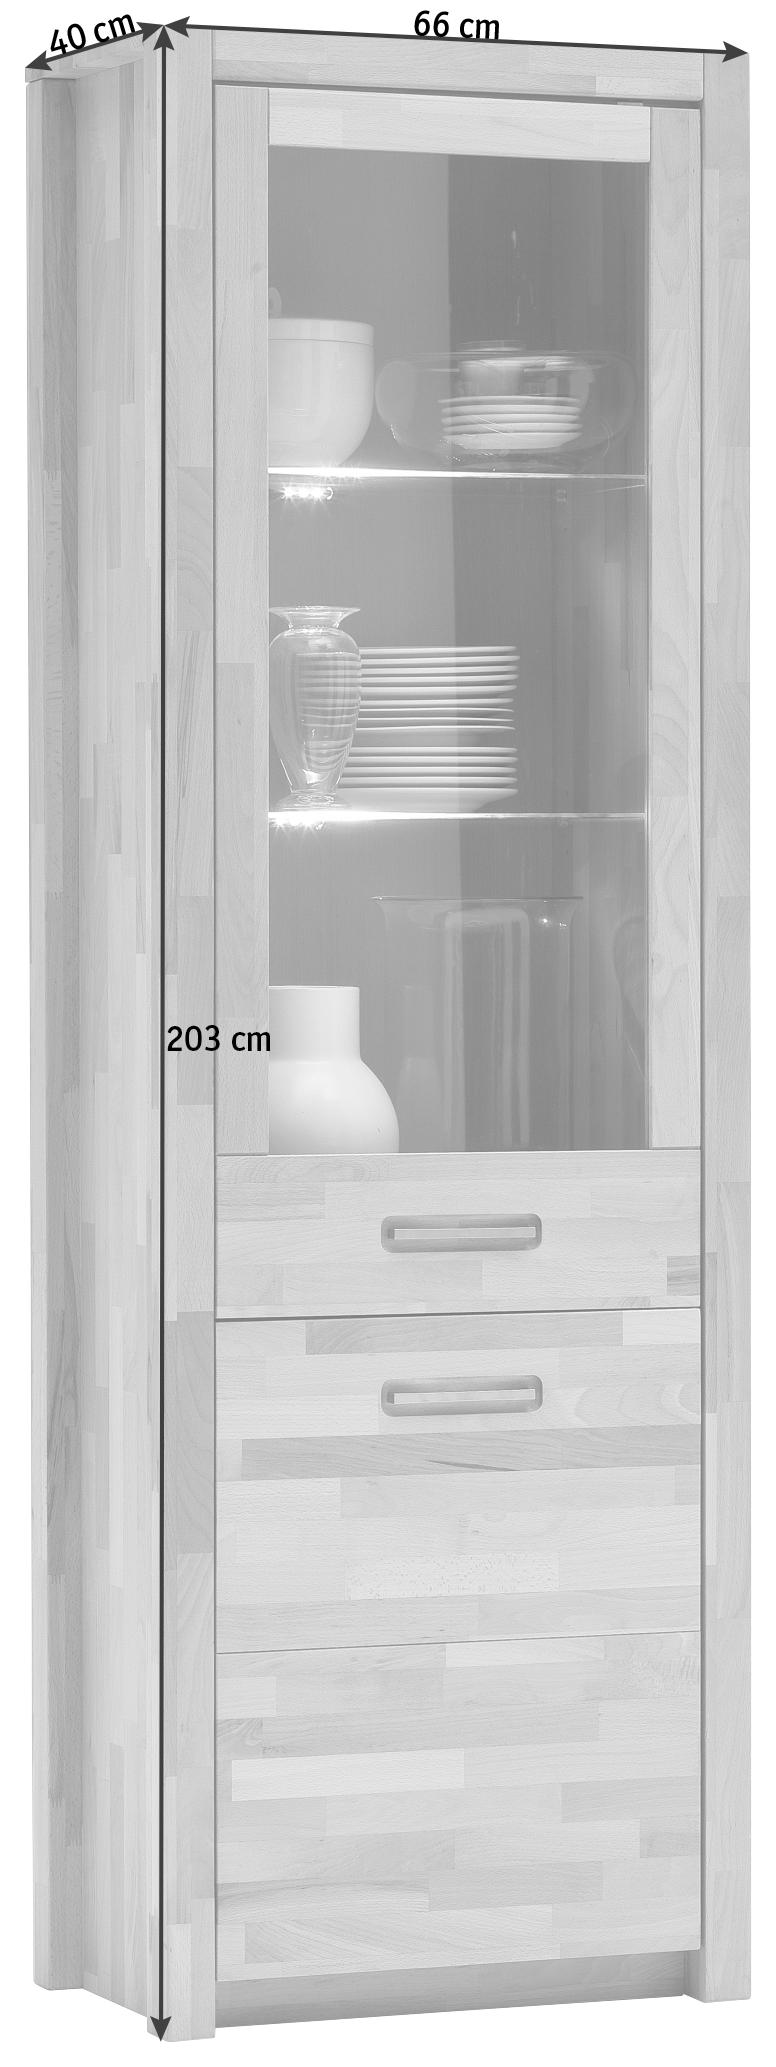 VITRINE Wildeiche massiv Eichefarben - Eichefarben/Alufarben, Design, Glas/Holz (66/203/40cm) - LANDSCAPE